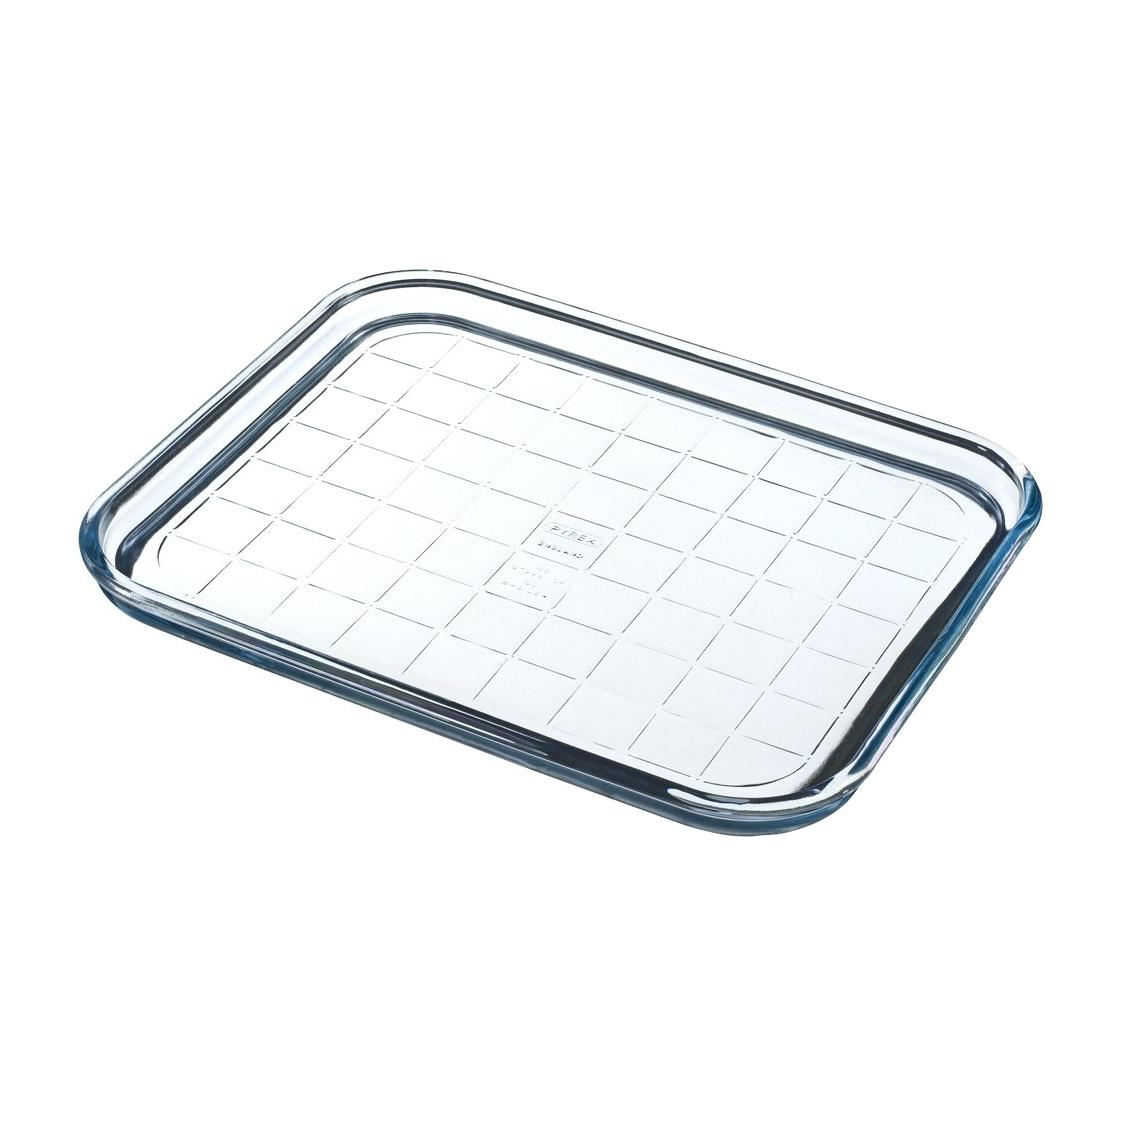 форма для запекания pyrex smart cooking 26см 828b000 5046 Форма для запекания Pyrex 32х26см (291B000/5046)